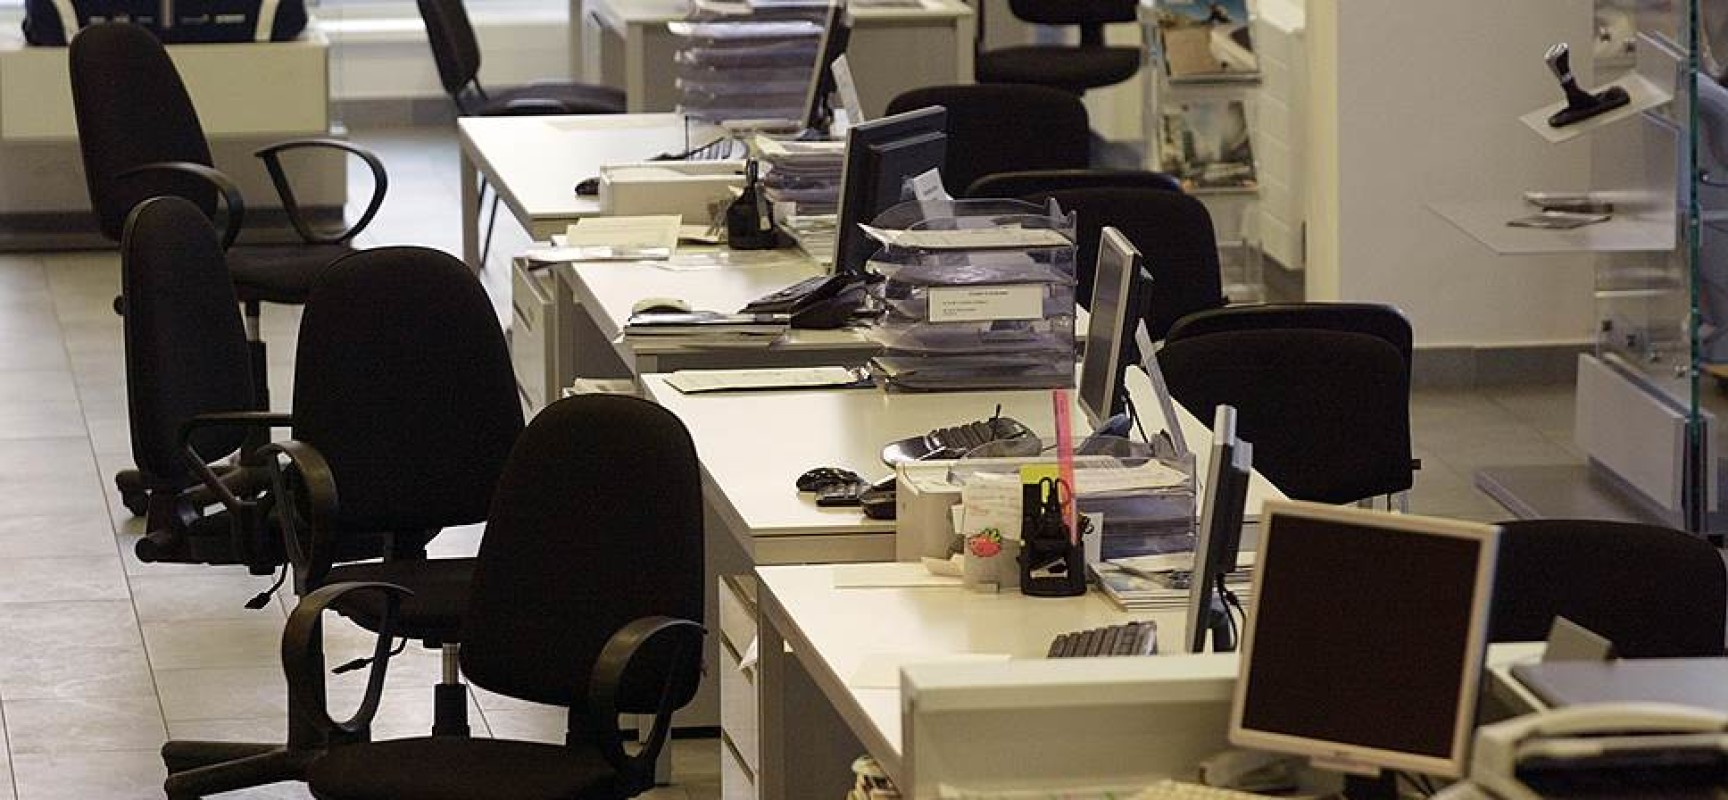 Сотрудник не явился в день увольнения